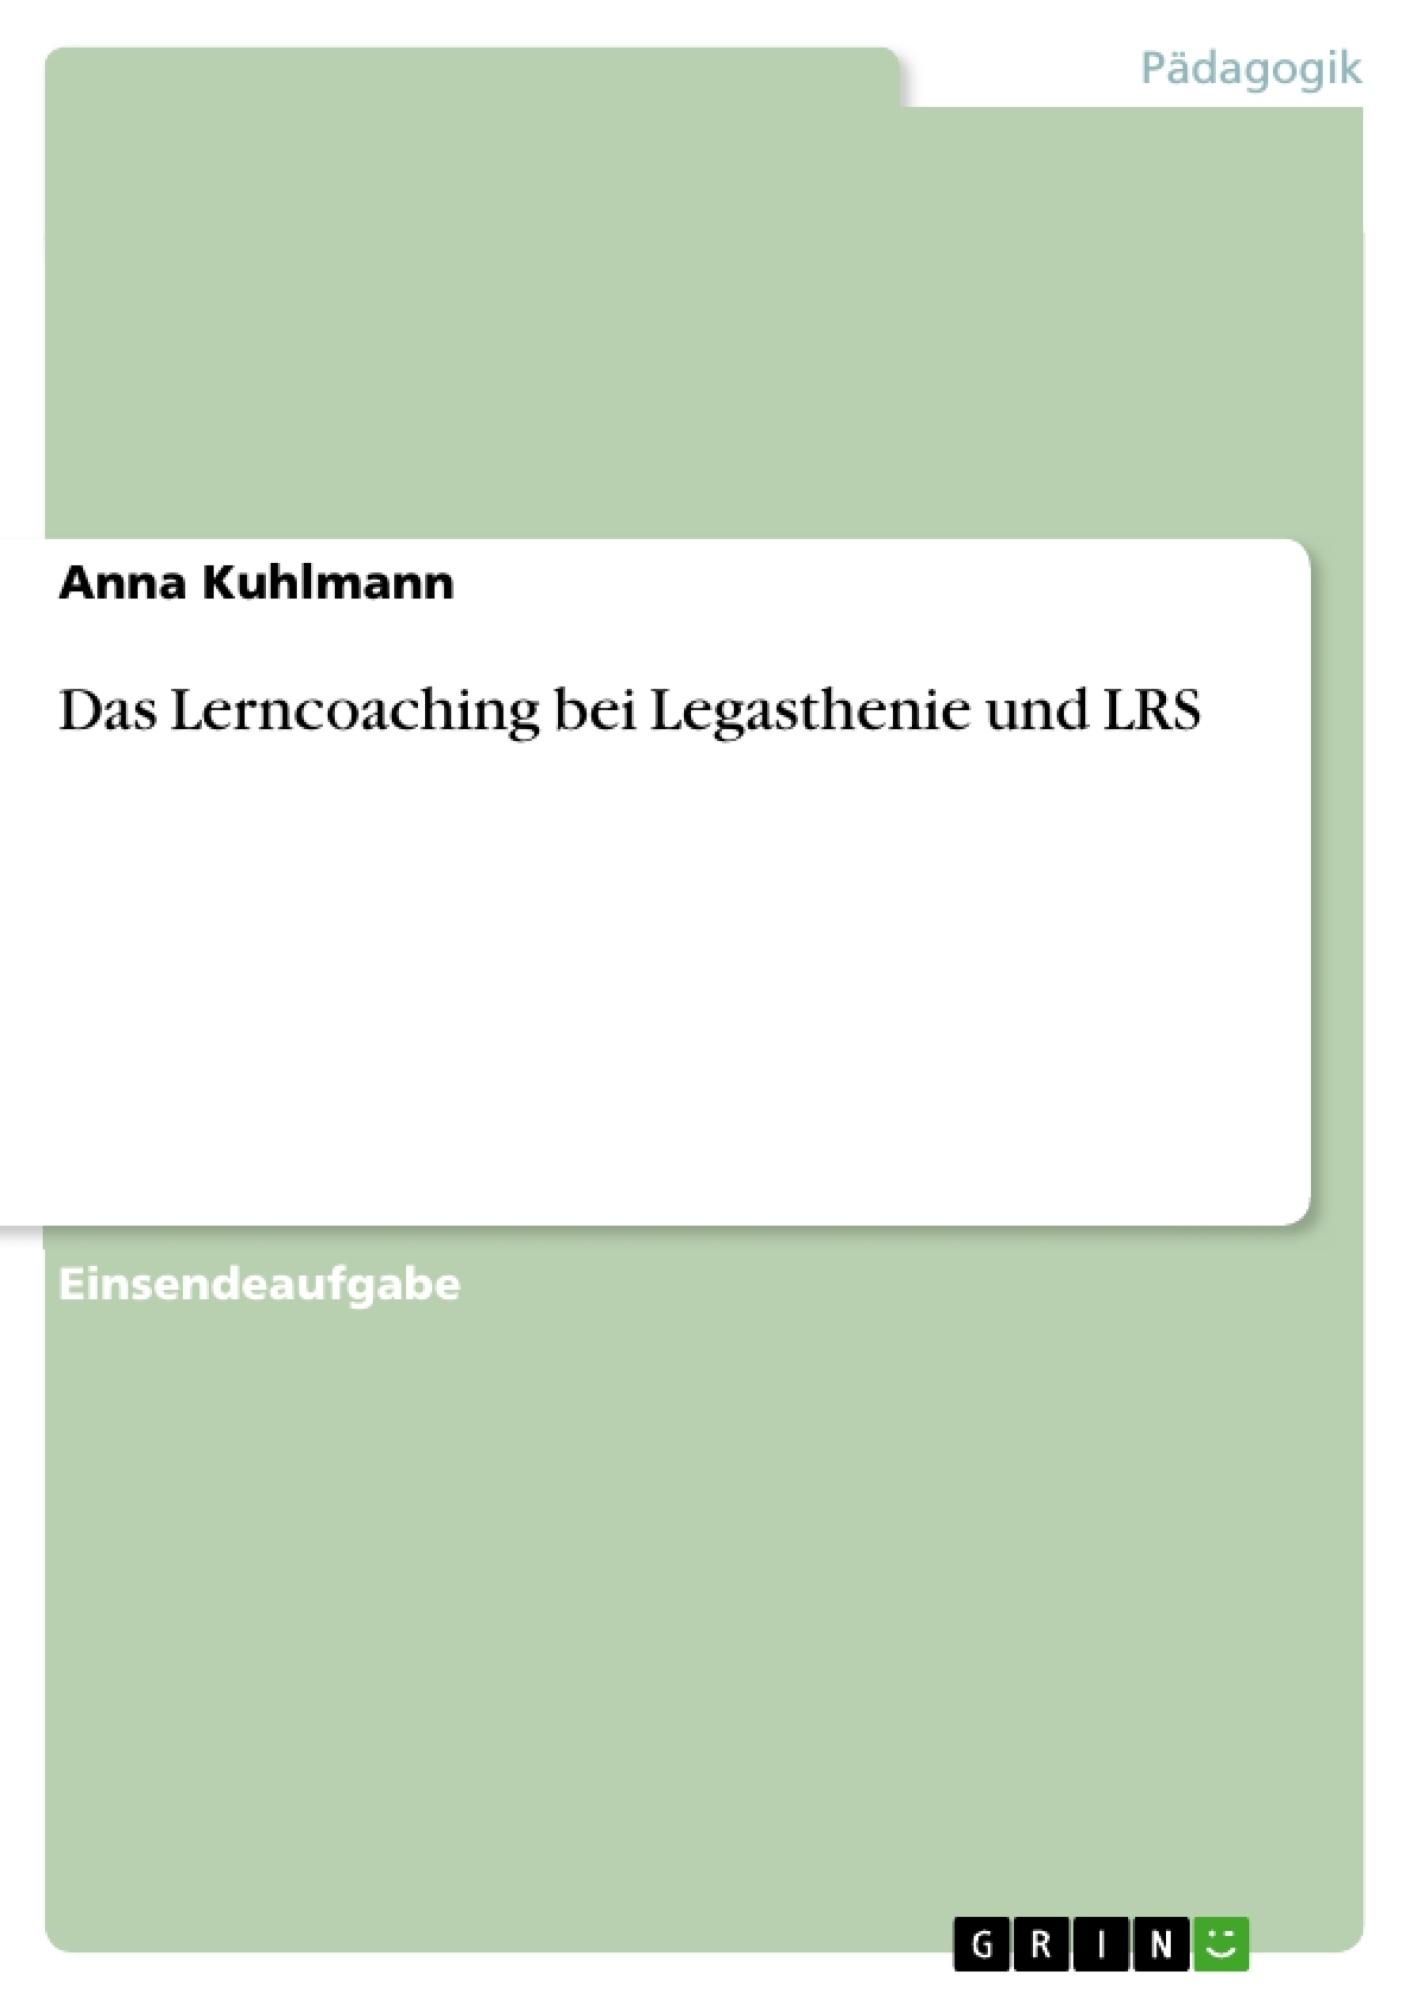 Titel: Das Lerncoaching bei Legasthenie und LRS